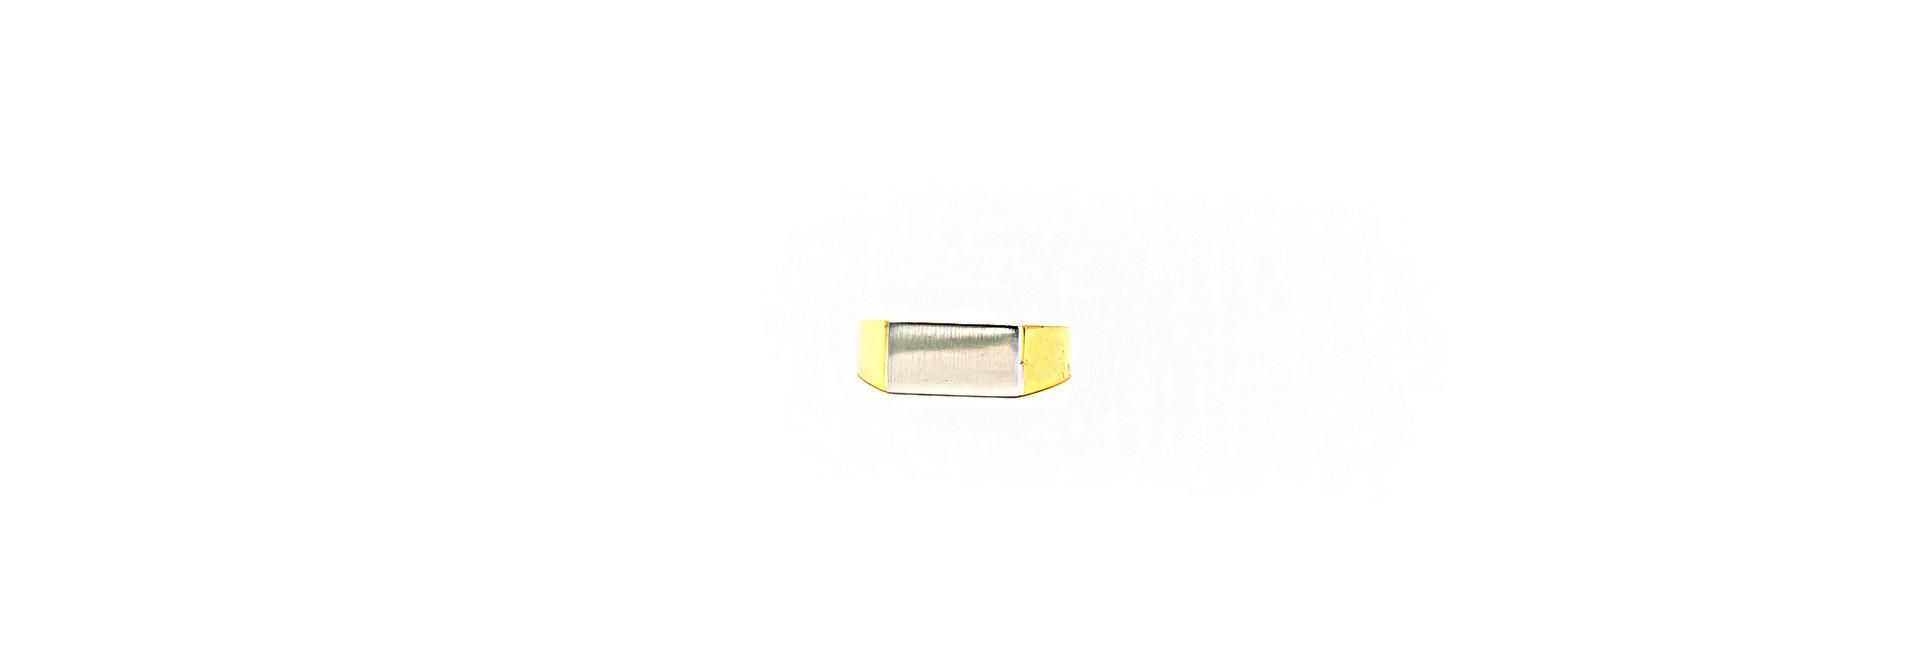 Ring zegel bicolor met mat effect